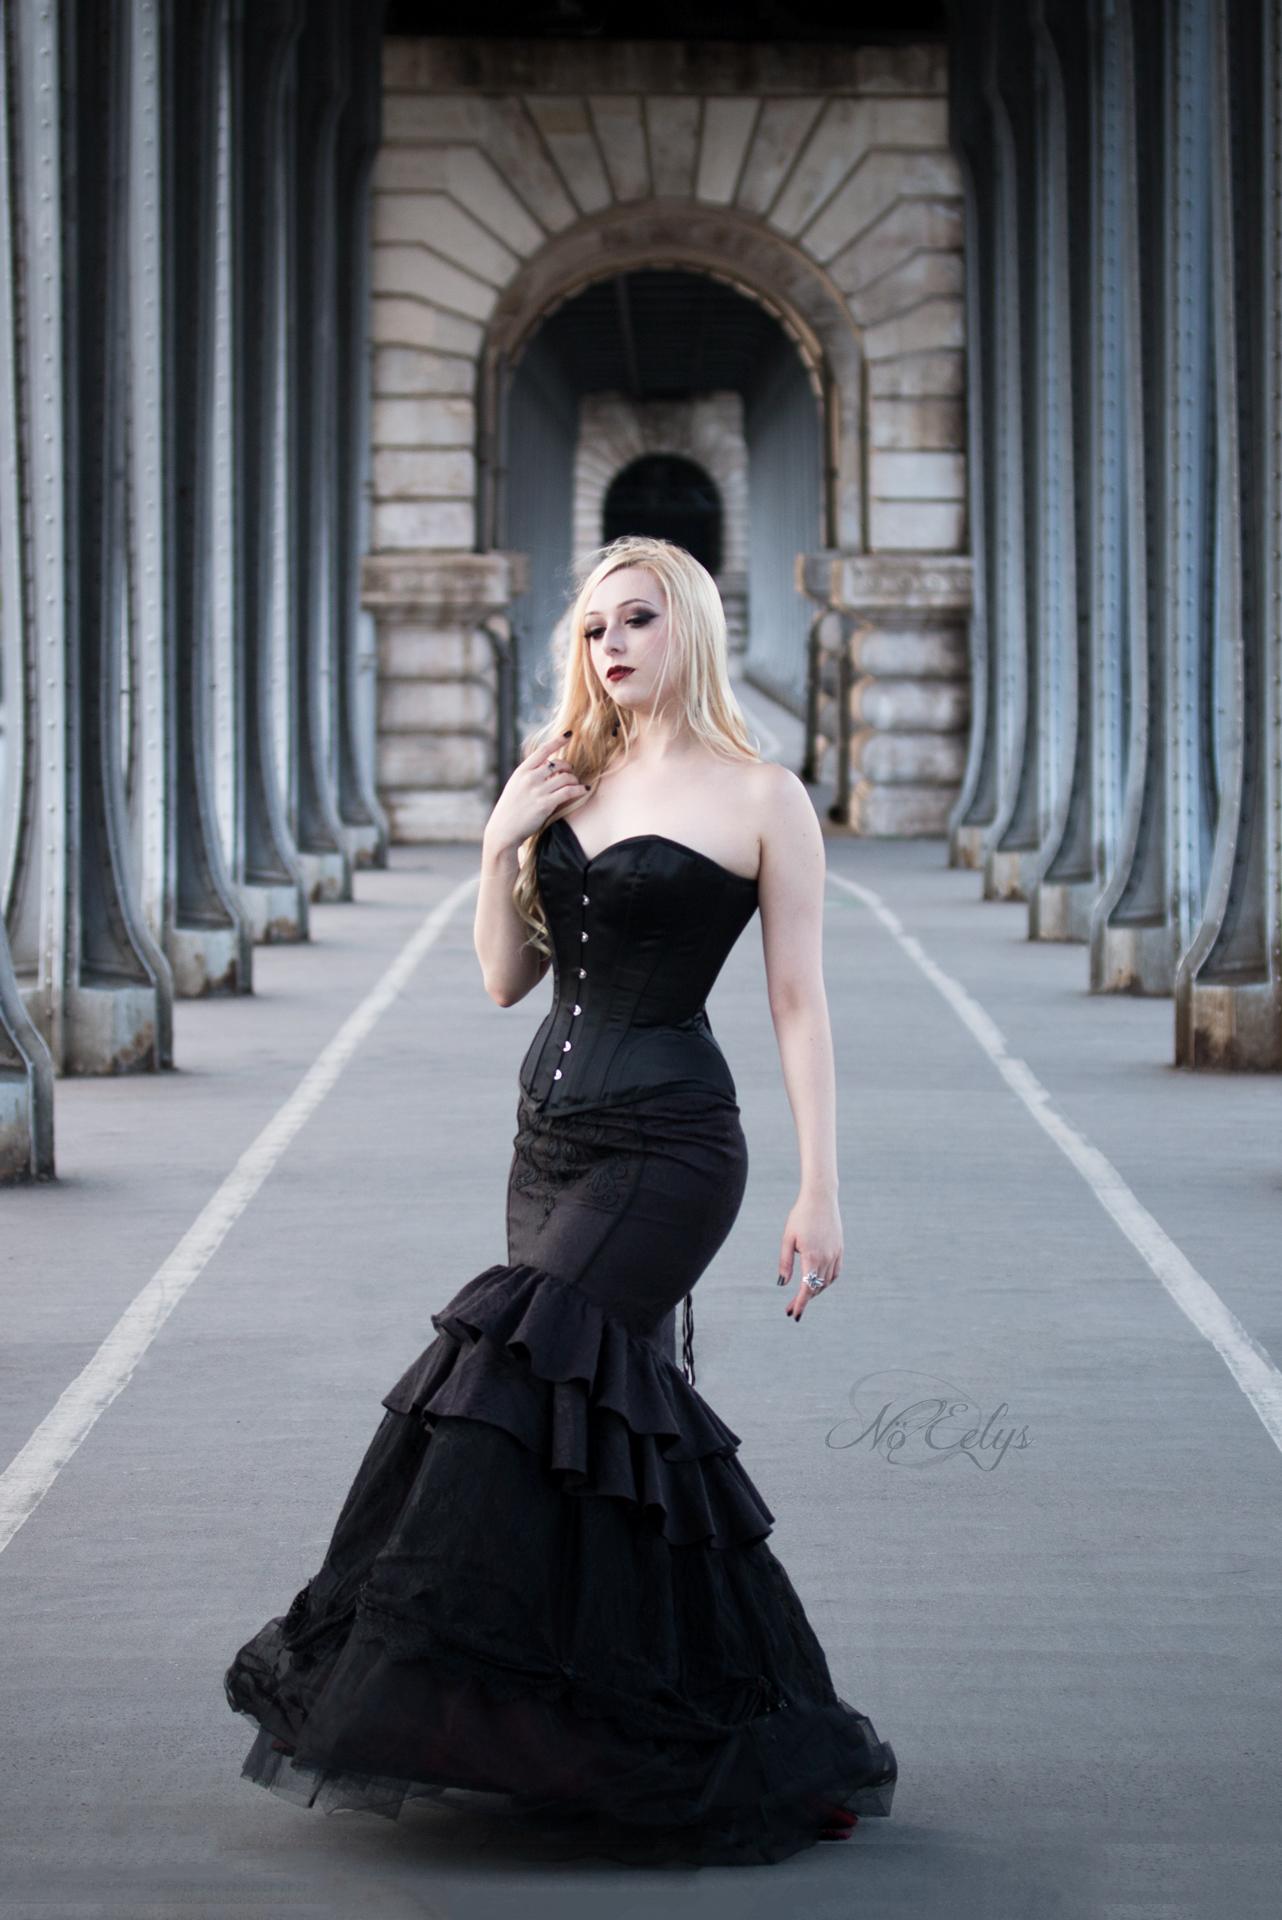 Shooting Gothique romantique moderne pont Bir Hakeim Paris, modele alternative No Eelys